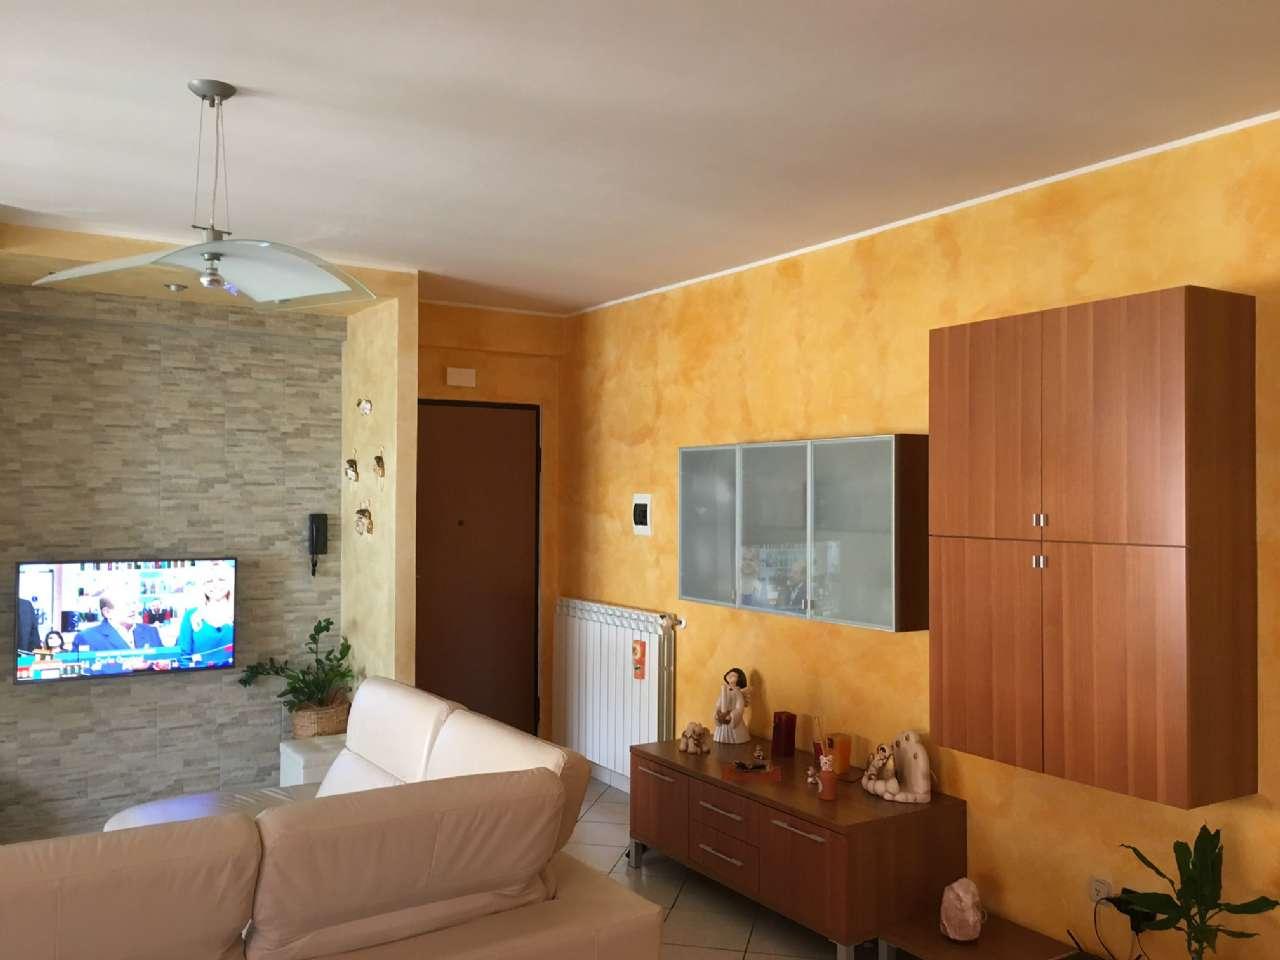 Appartamento in vendita a Baranello (CB)